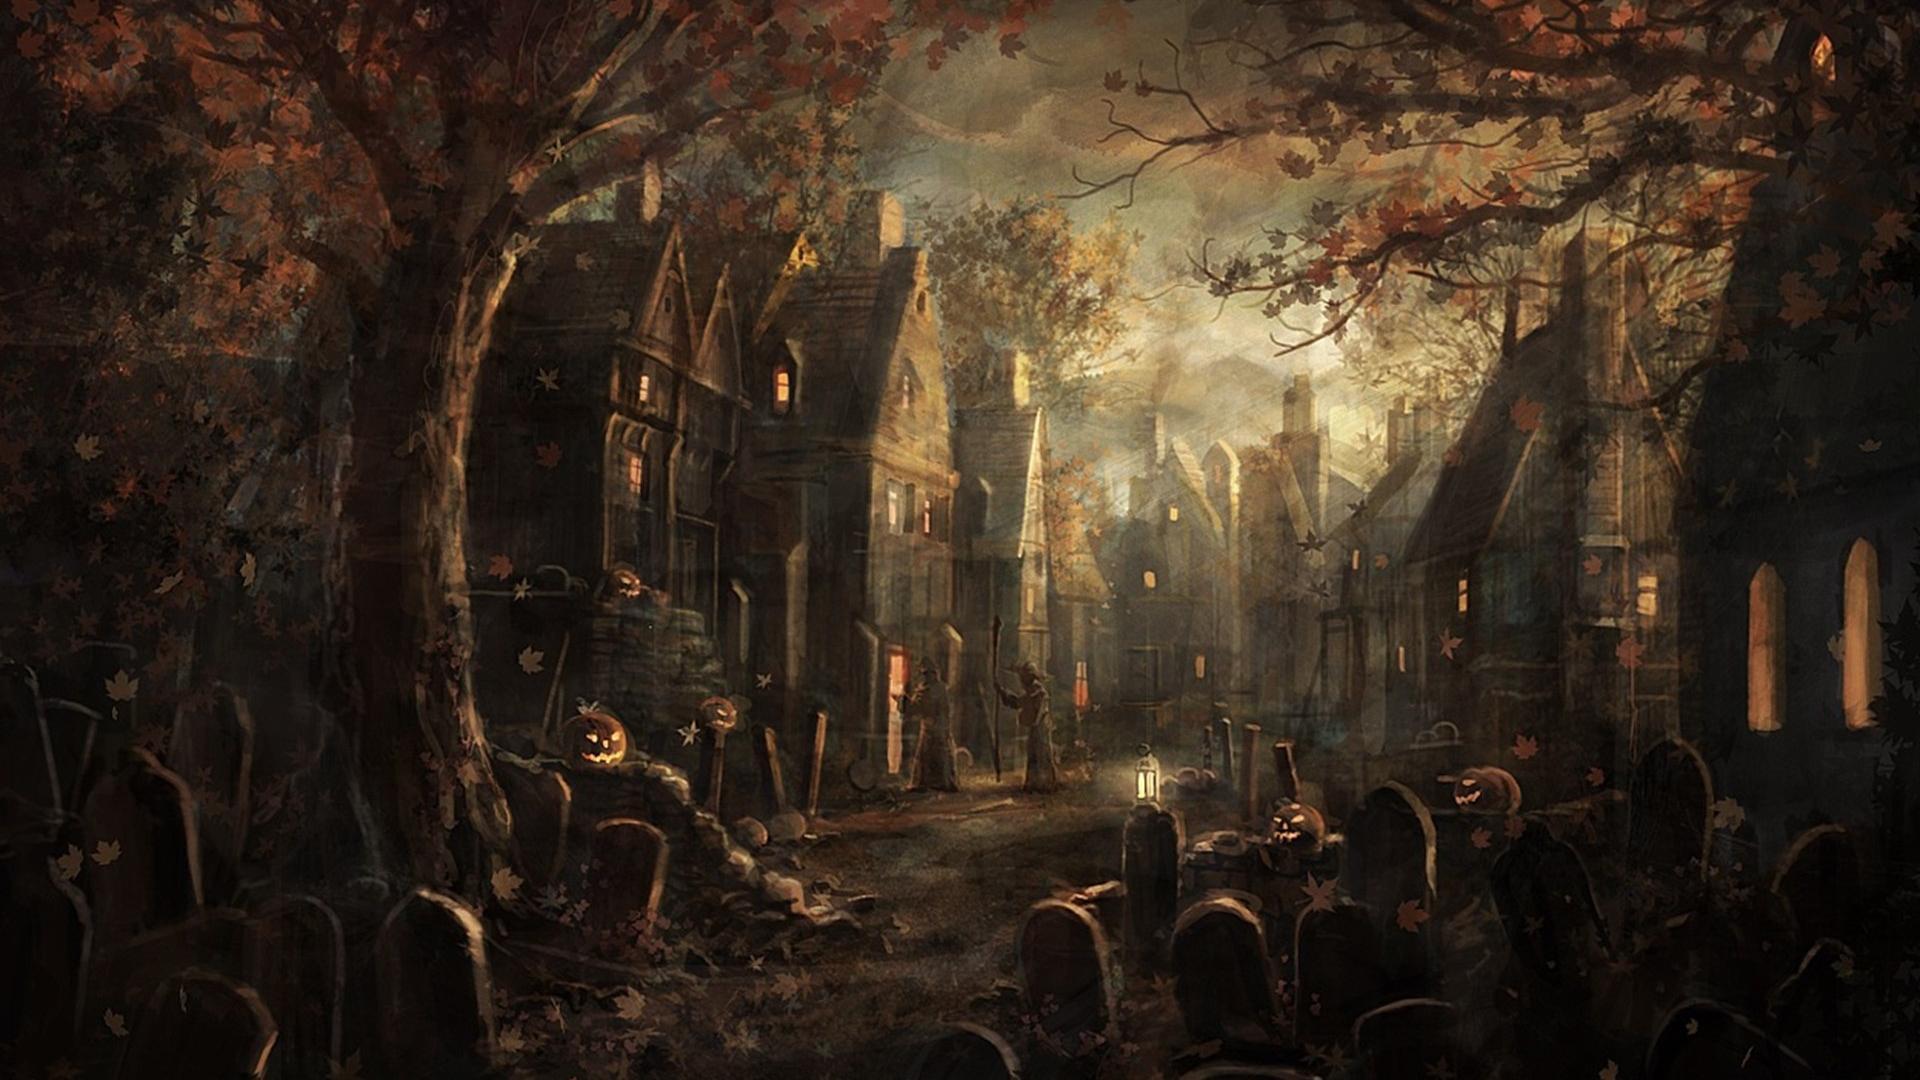 halloween hd wallpapers #18